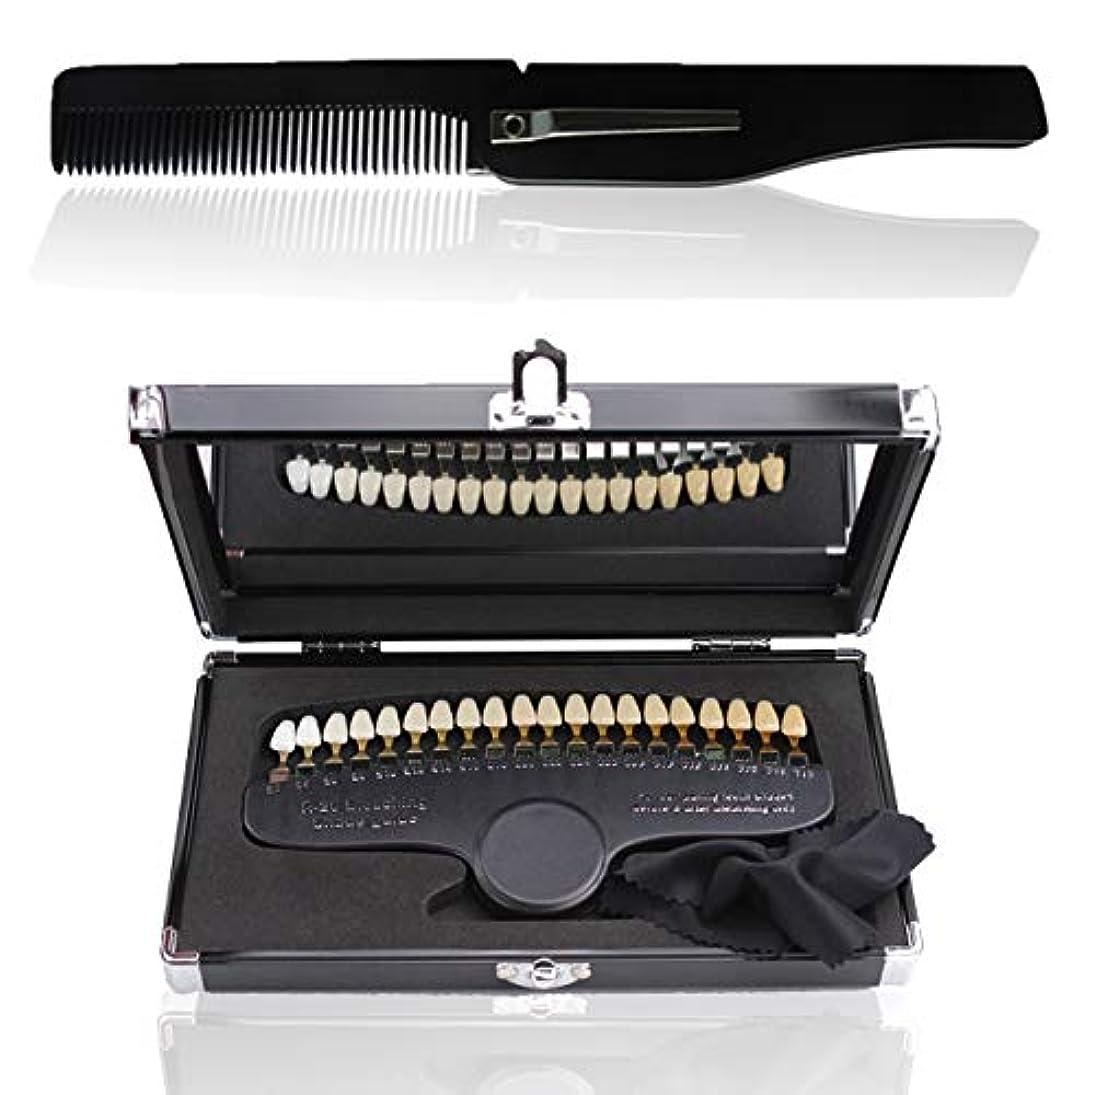 フェリモア 歯 シェードガイド 色見本 歯列模型 段階的 櫛付き 鏡付き 収納ケース付き 20段階 (20段階)